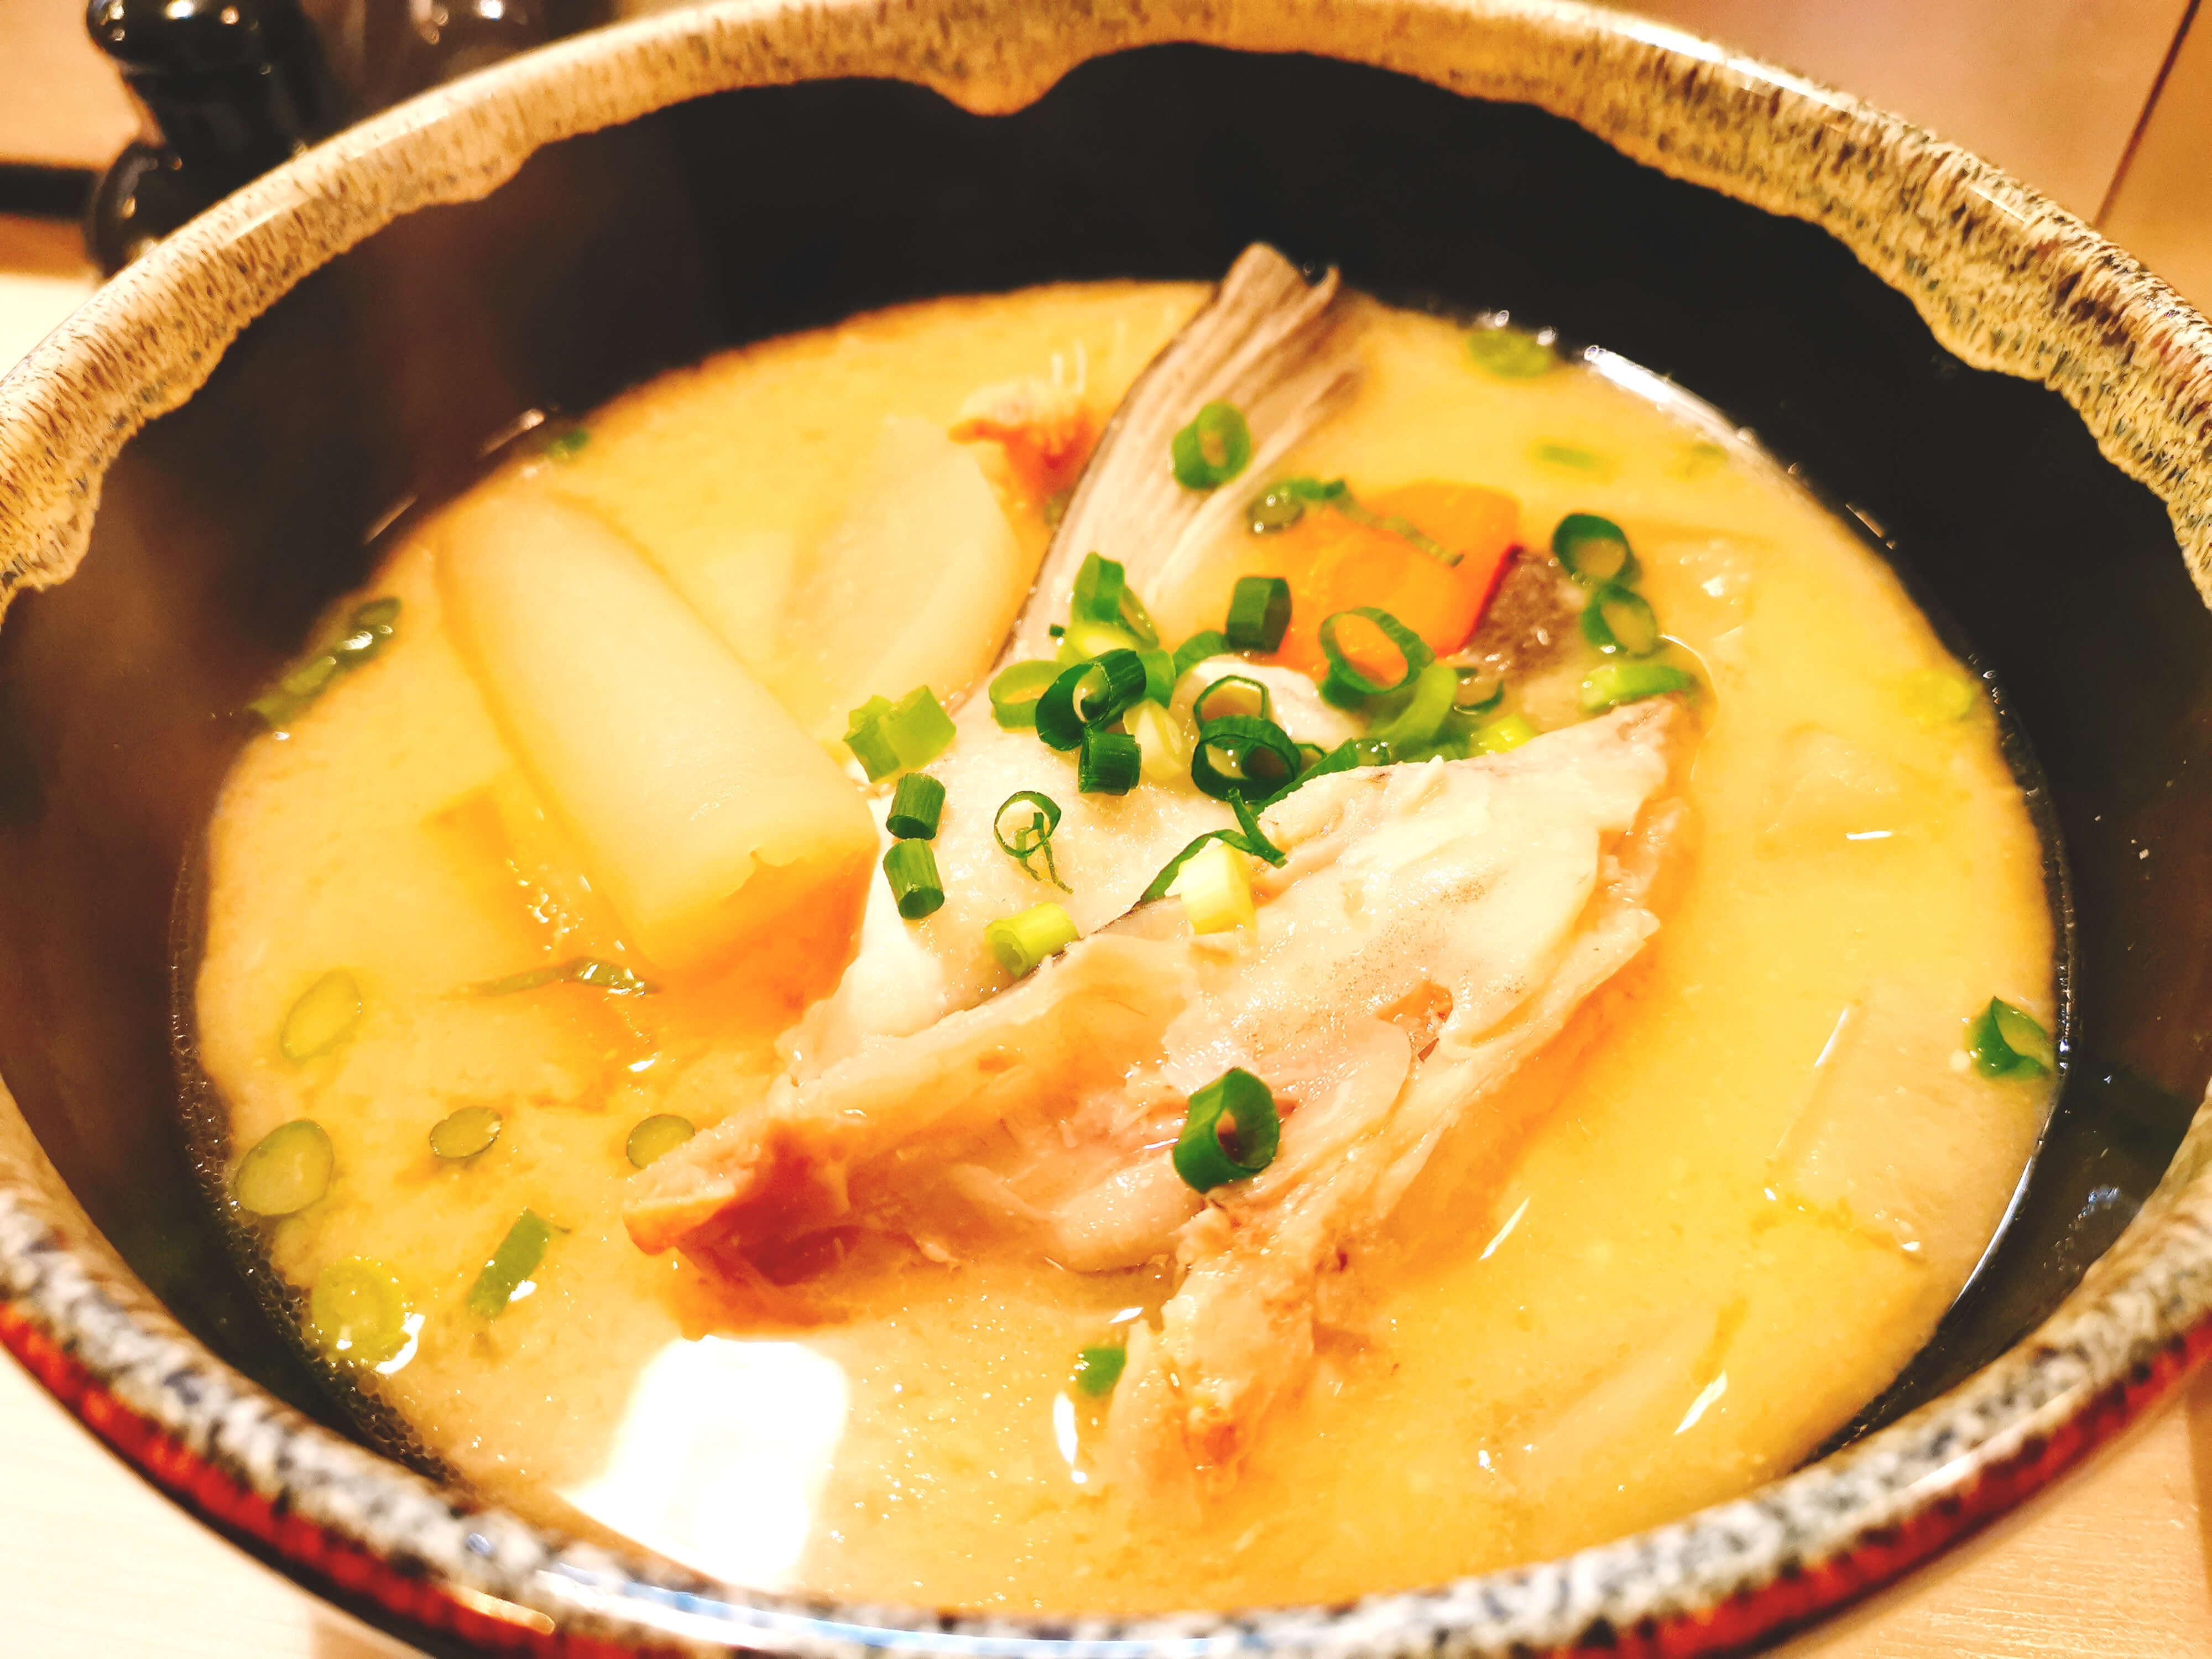 鮭粕汁380円